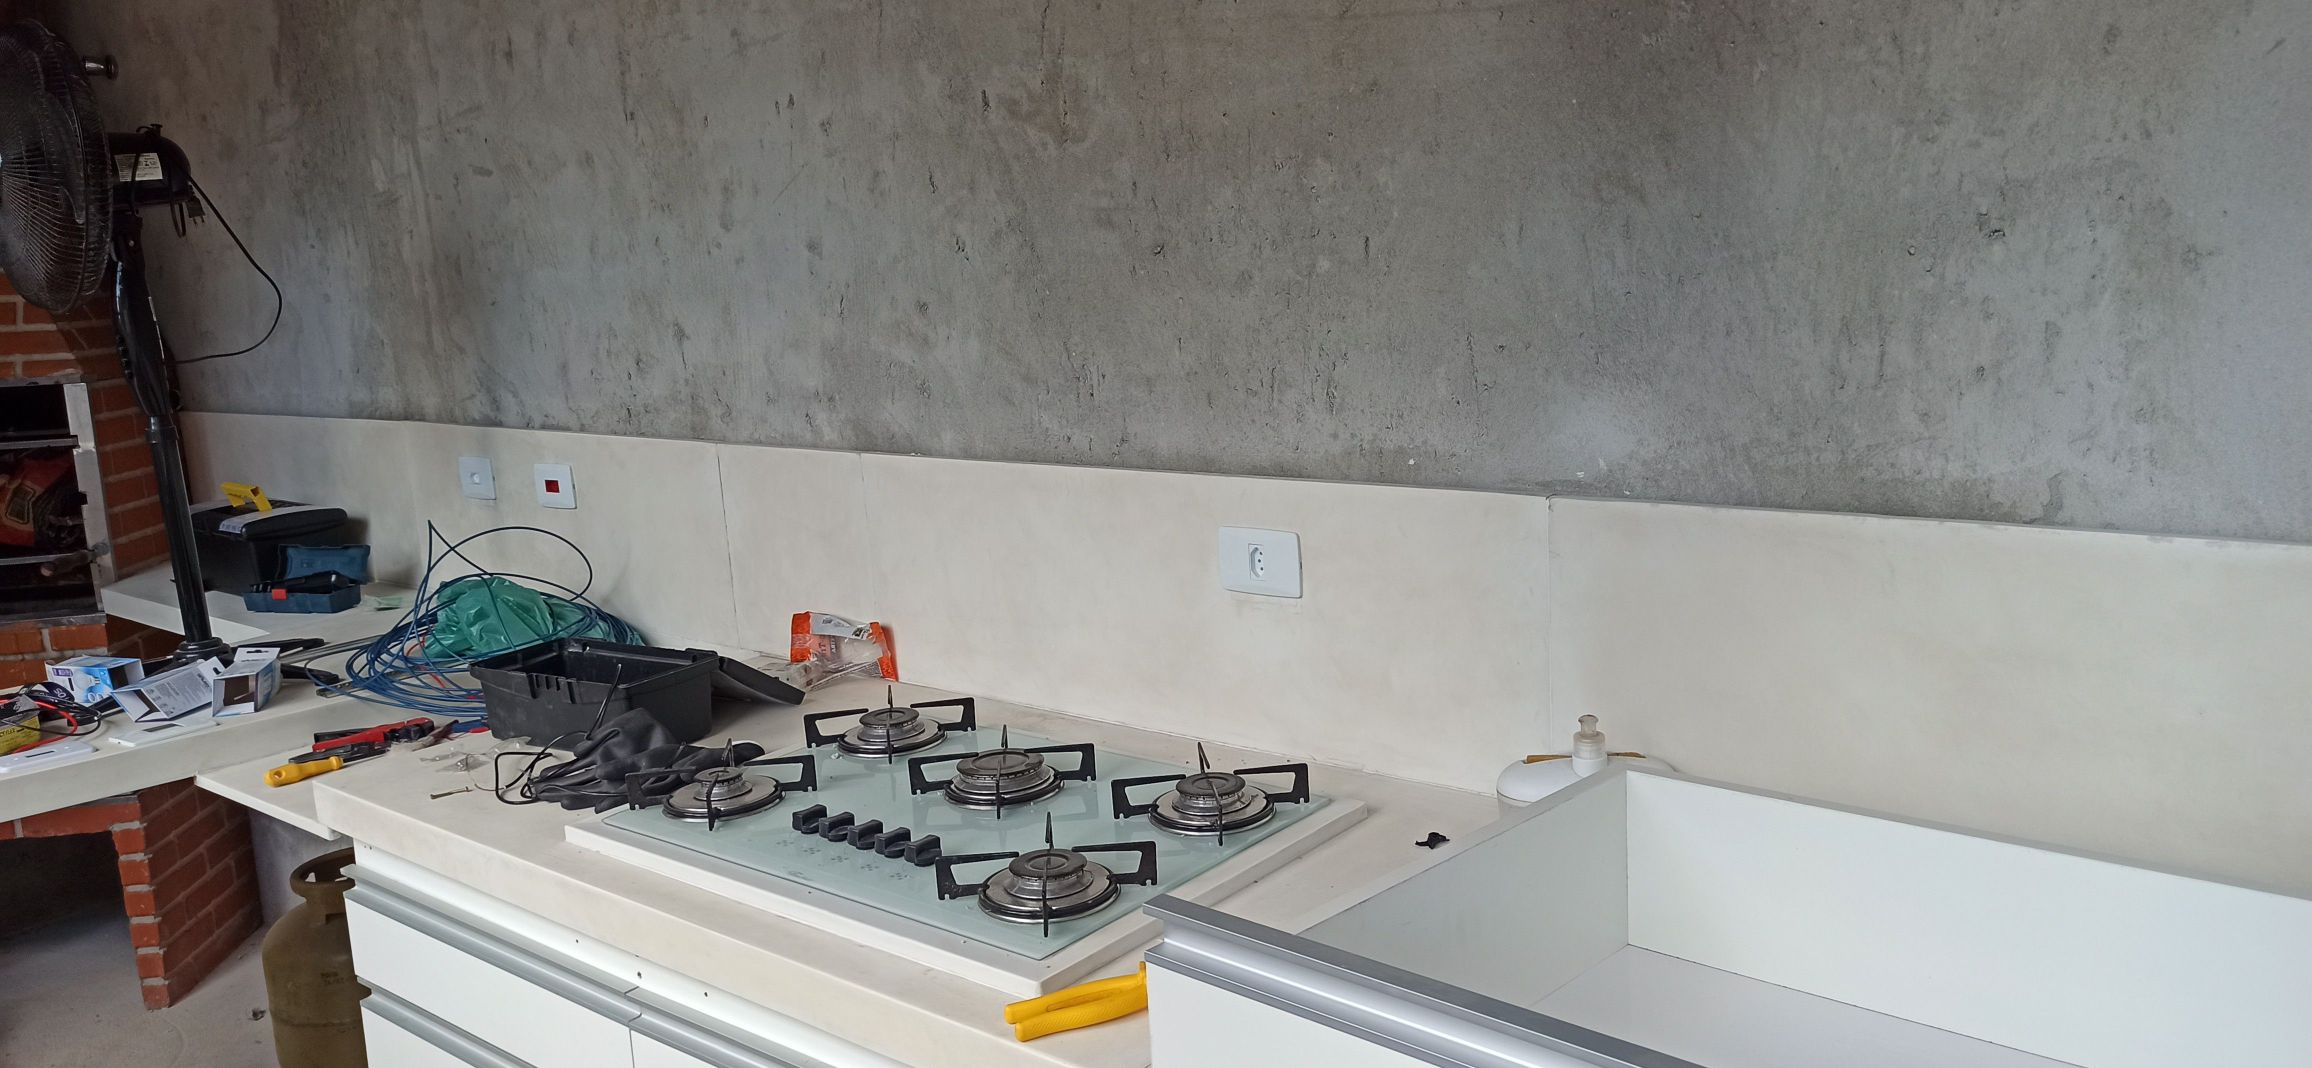 Instalação de tomadas em área de churrasqueira.